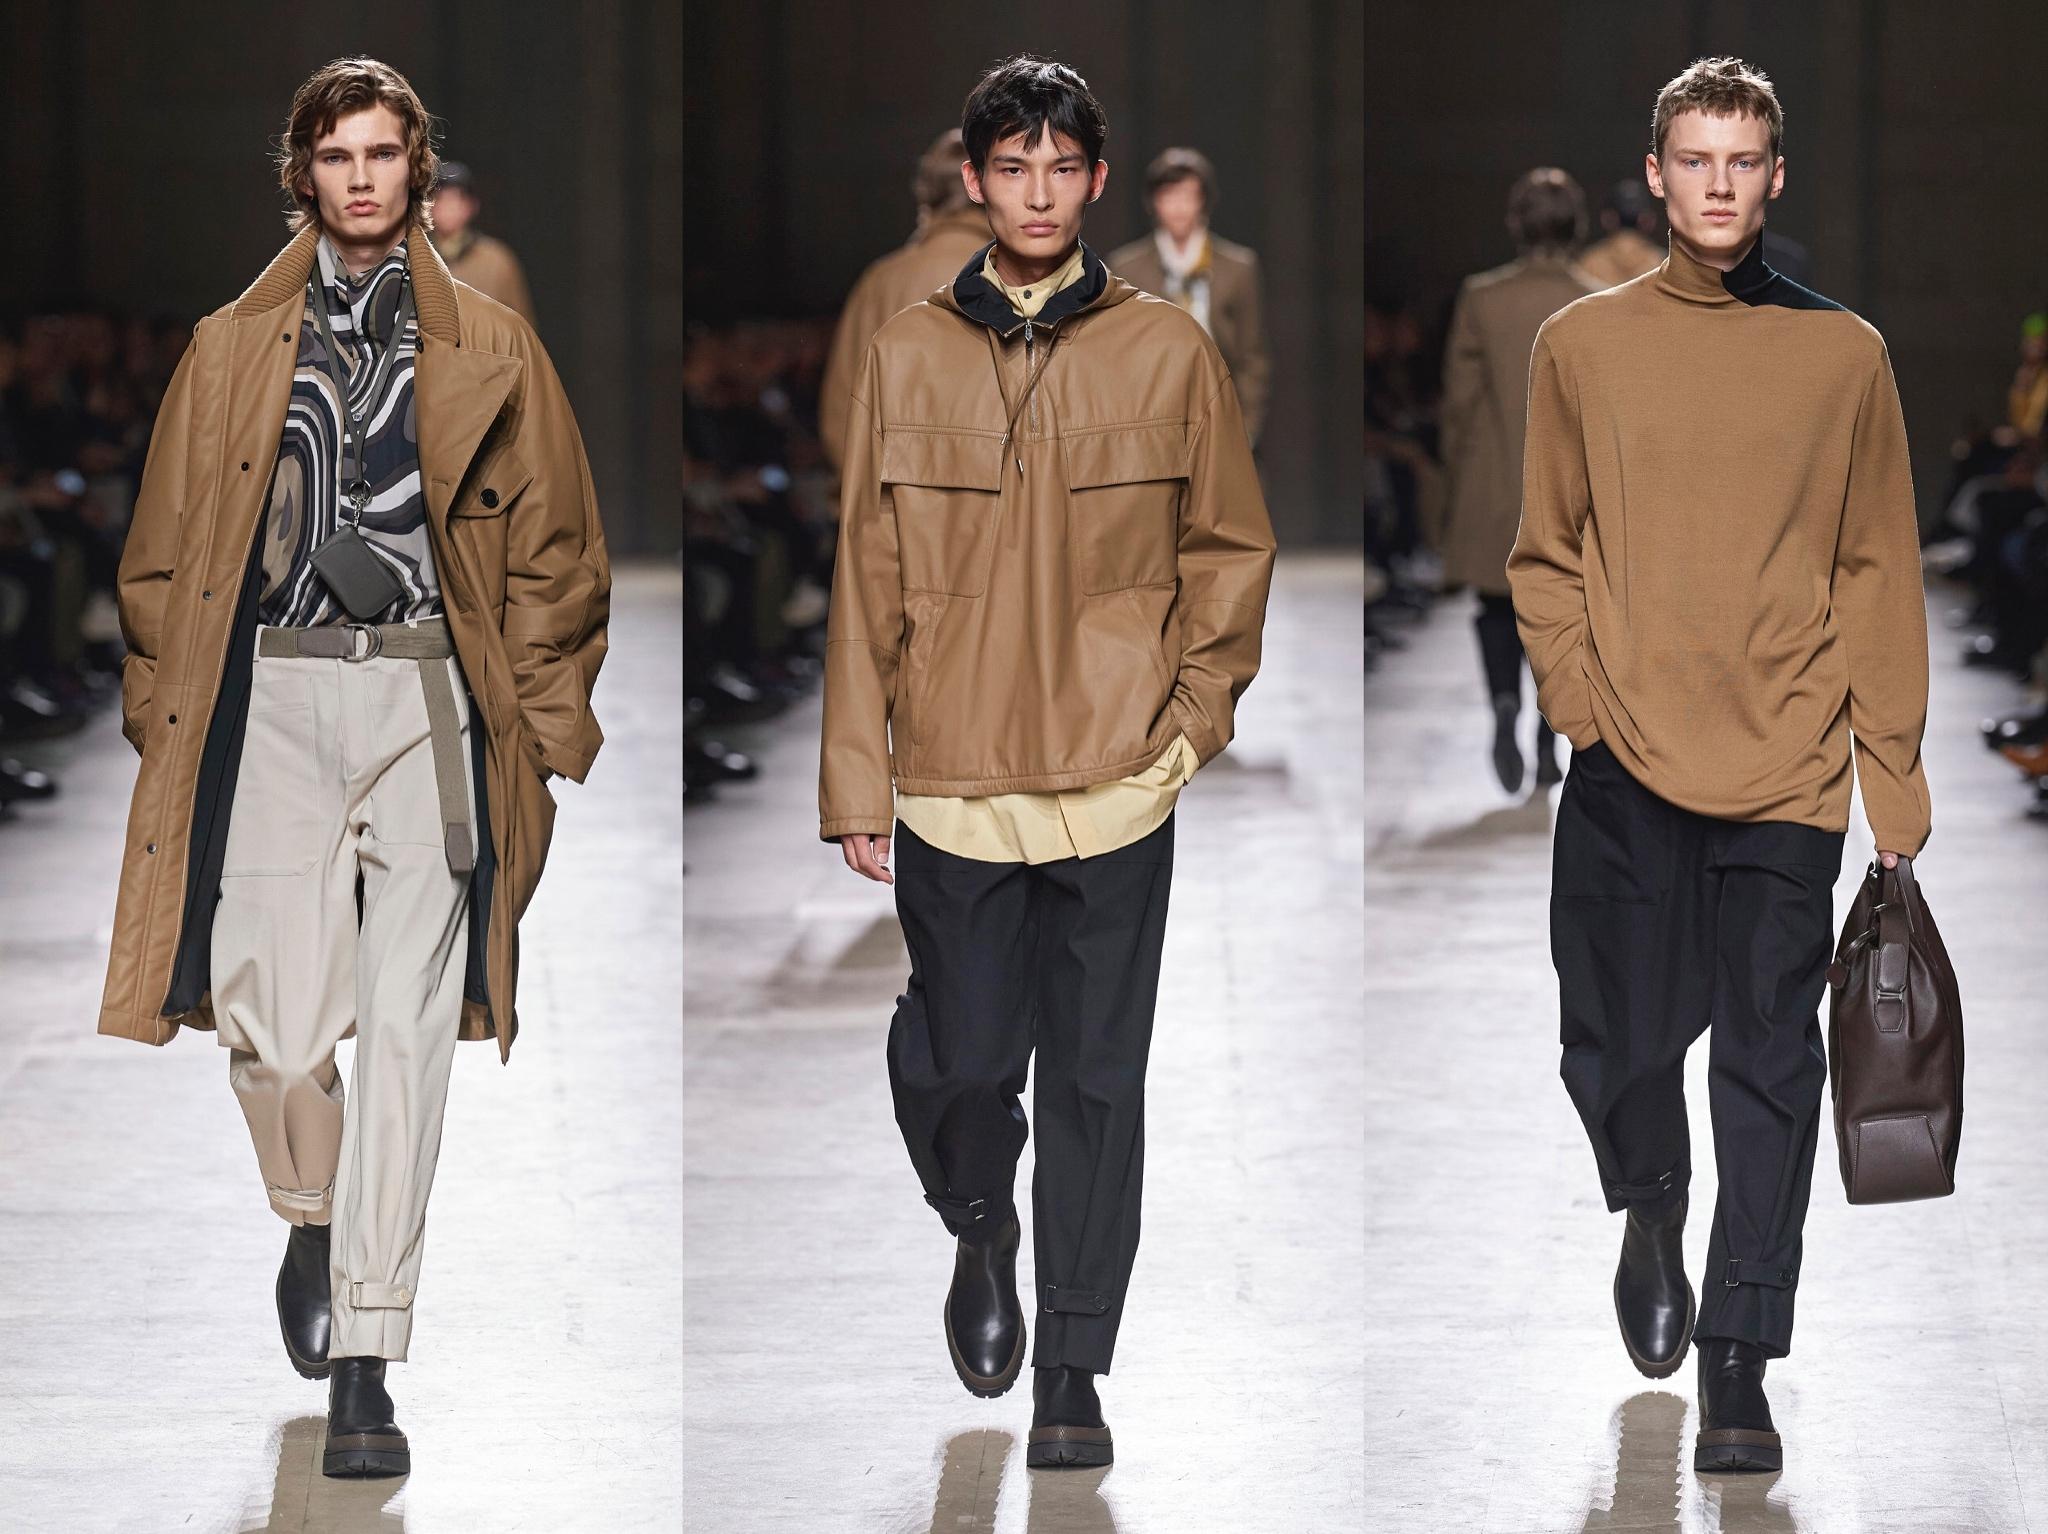 @HERMES 爱马仕2020 秋冬男装系列延续了品牌一贯经典实穿的风格